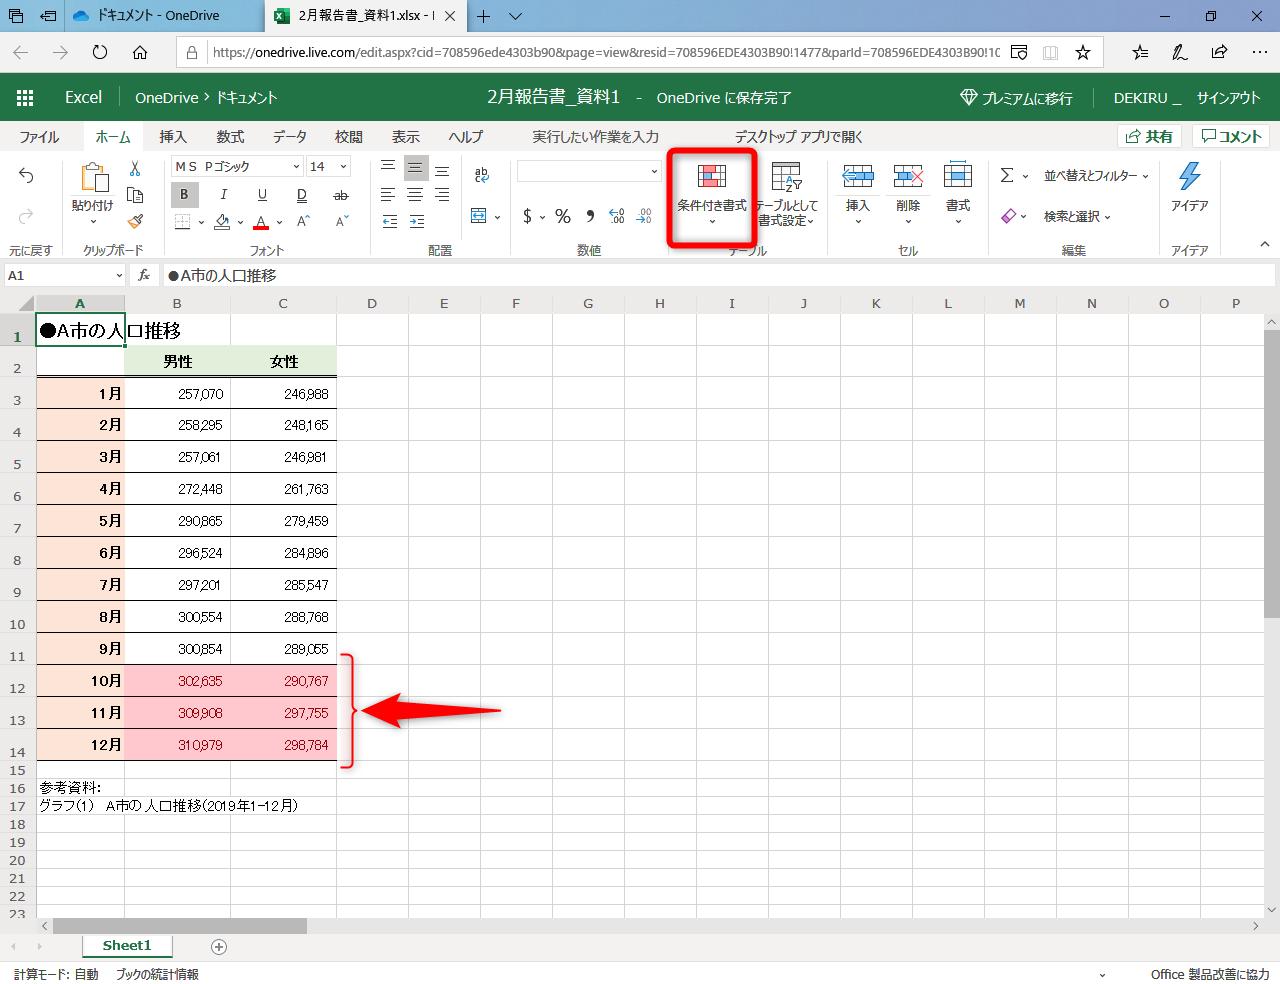 テレワークでExcelを使う最速の方法。無料のWeb版Officeを有効活用しよう【エクセル時短】